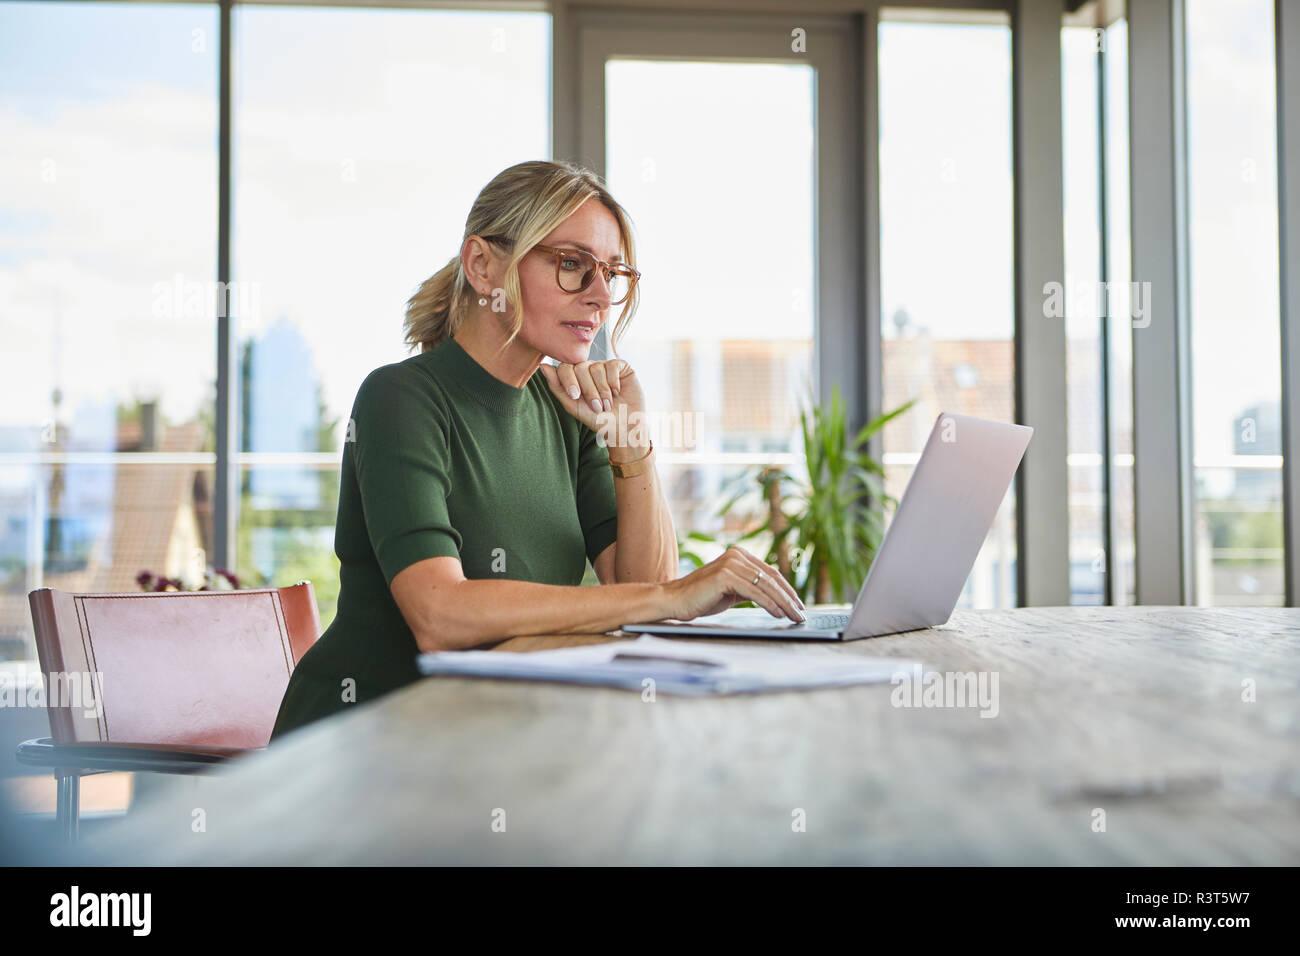 Reife Frau mit Laptop auf dem Tisch zu Hause Stockfoto